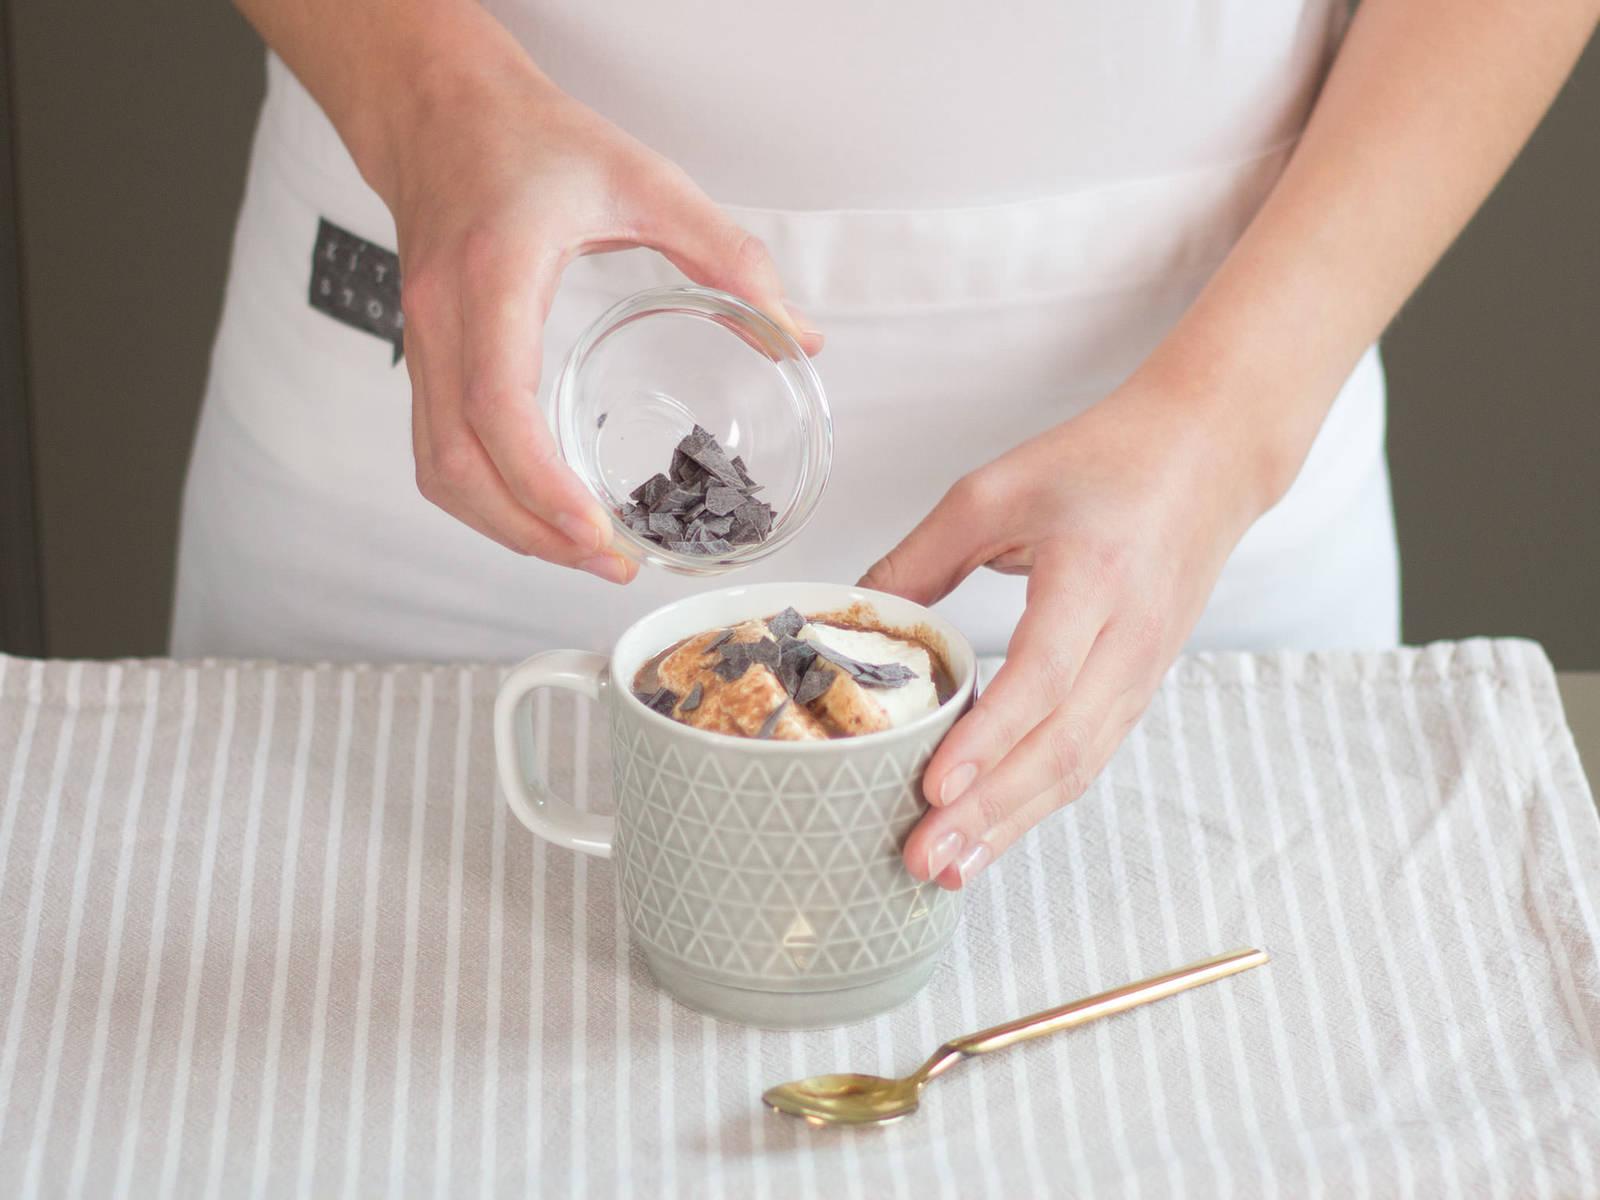 从小锅中取出八角与丁香。将热巧克力倒入杯中,放上打发后的奶油,饰以巧克力屑即可享用!